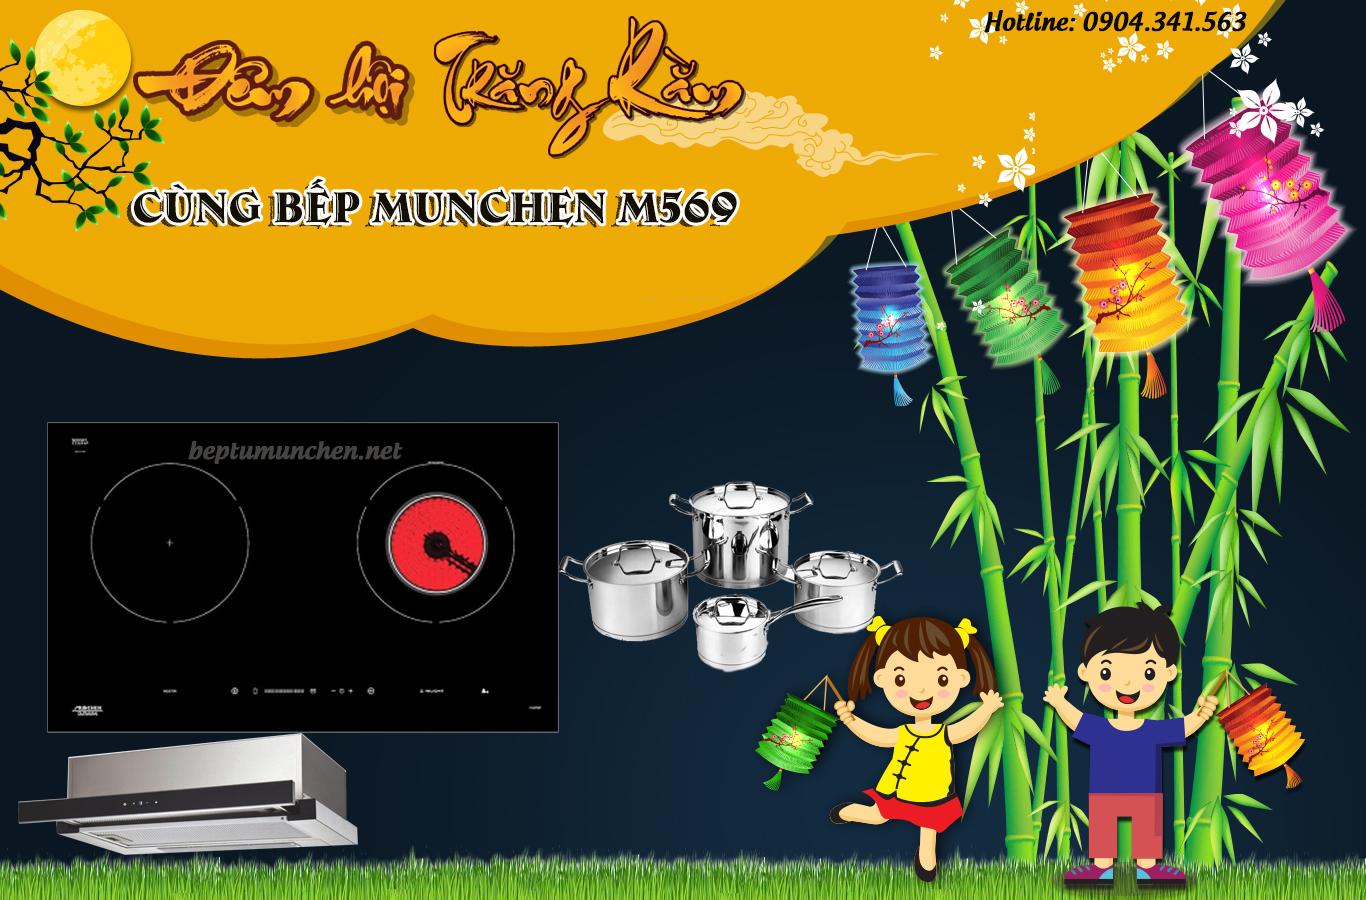 Tùng tùng dinh dinh: Bếp điện từ Munchen M569 ring trọn niềm vui